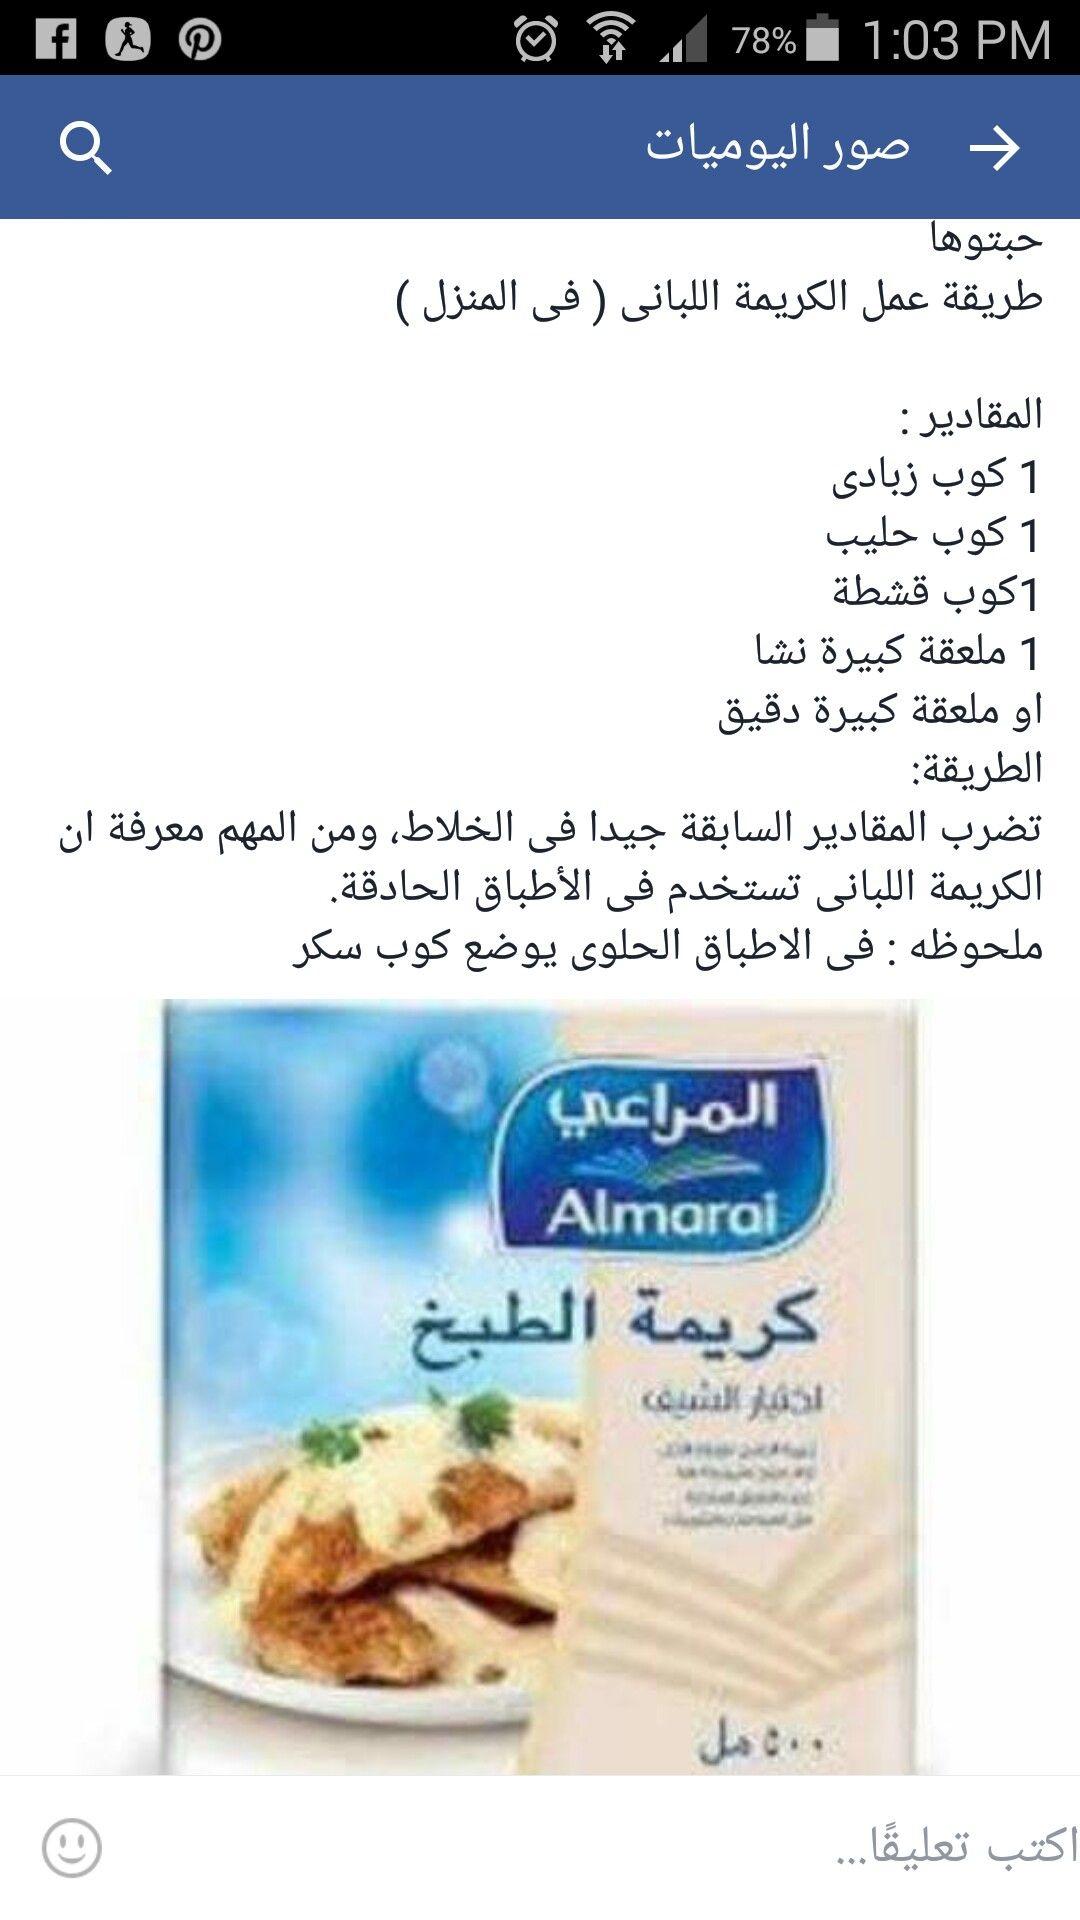 طريقه عمل الكريمة اللبانى Party Food Dessert Dessert Recipes Party Food